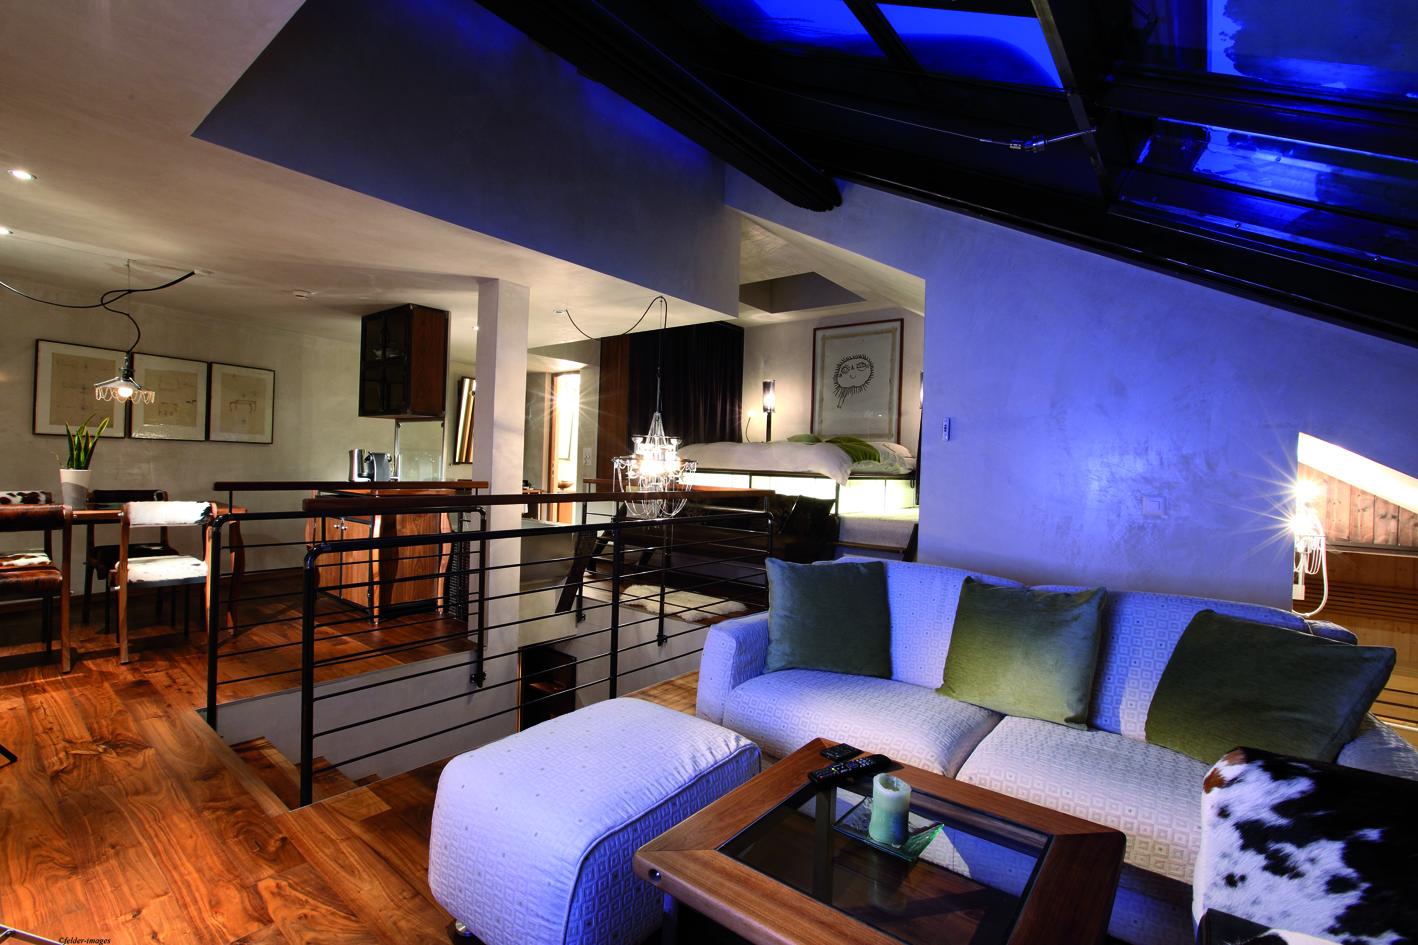 neue hotelbilder von felder 037.jpg